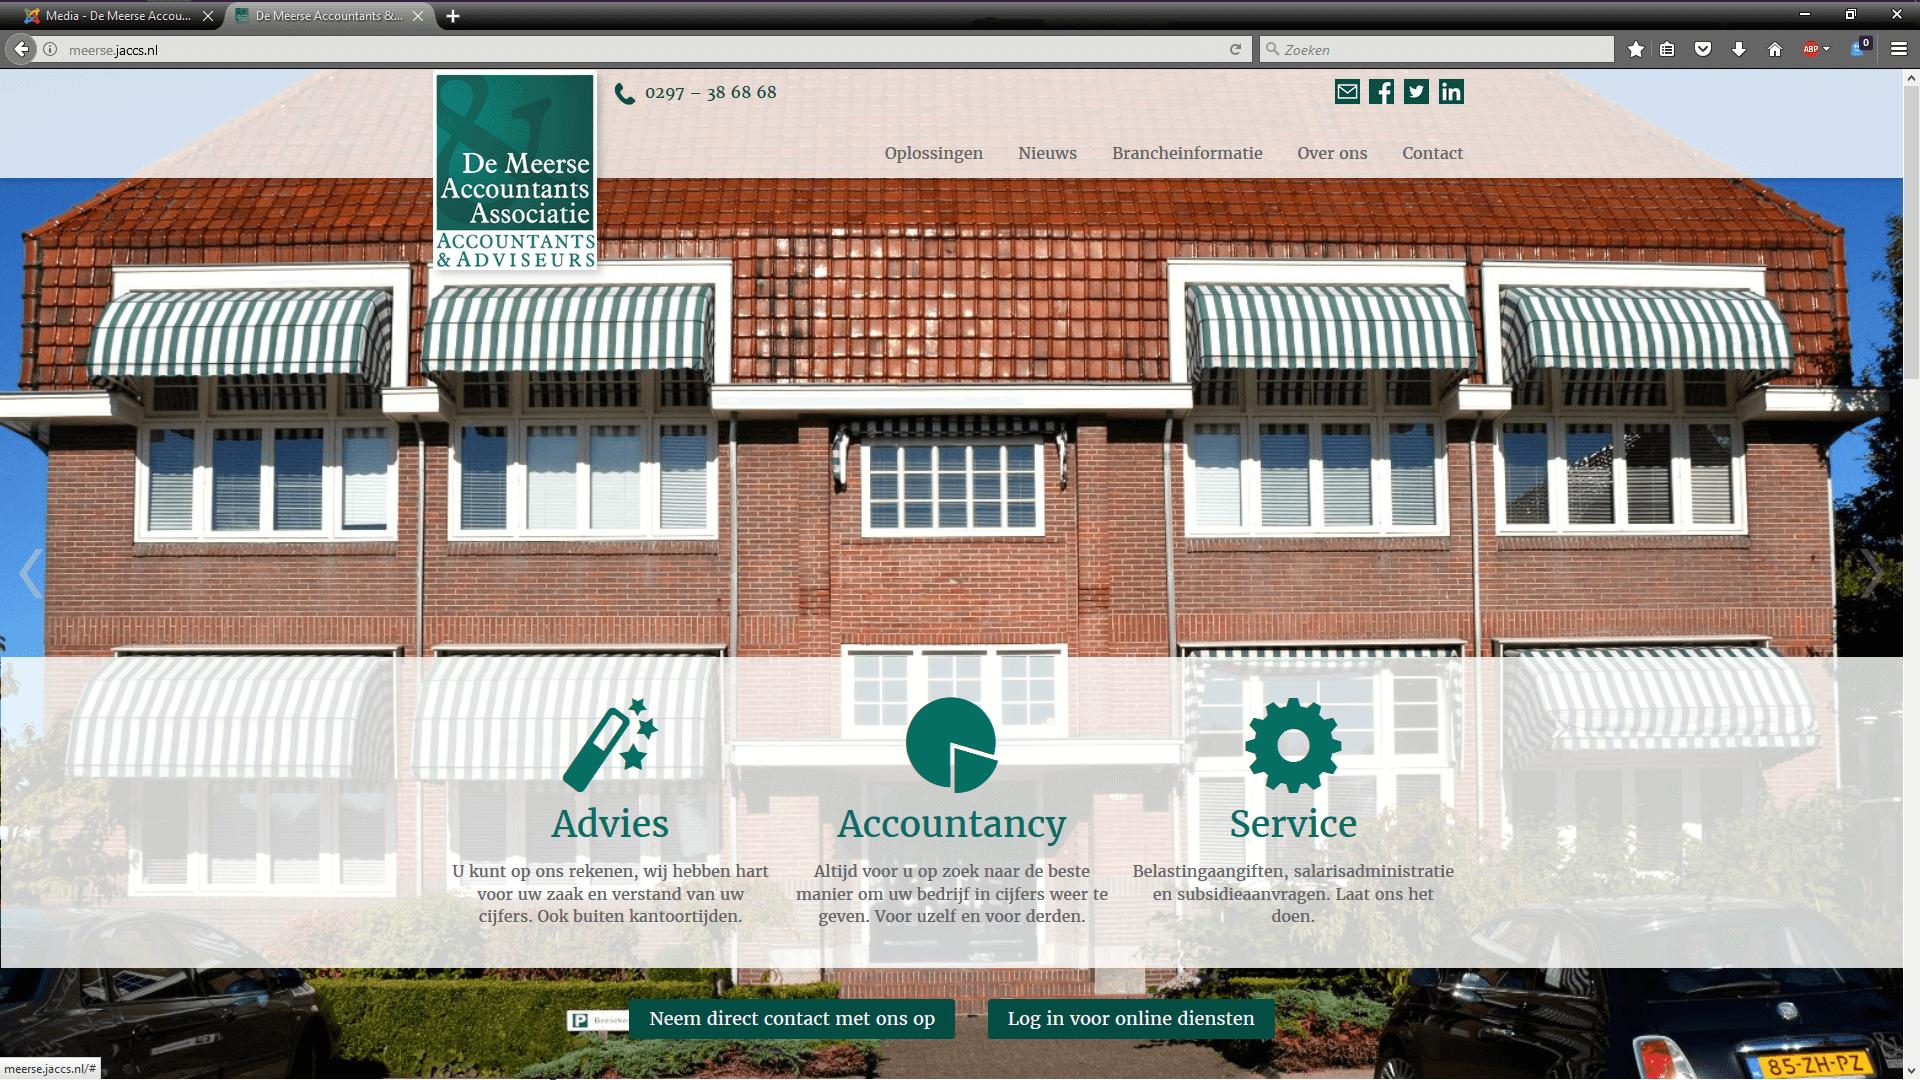 De Meerse accountants - websiteontwerp, -content en begeleiding realisatie